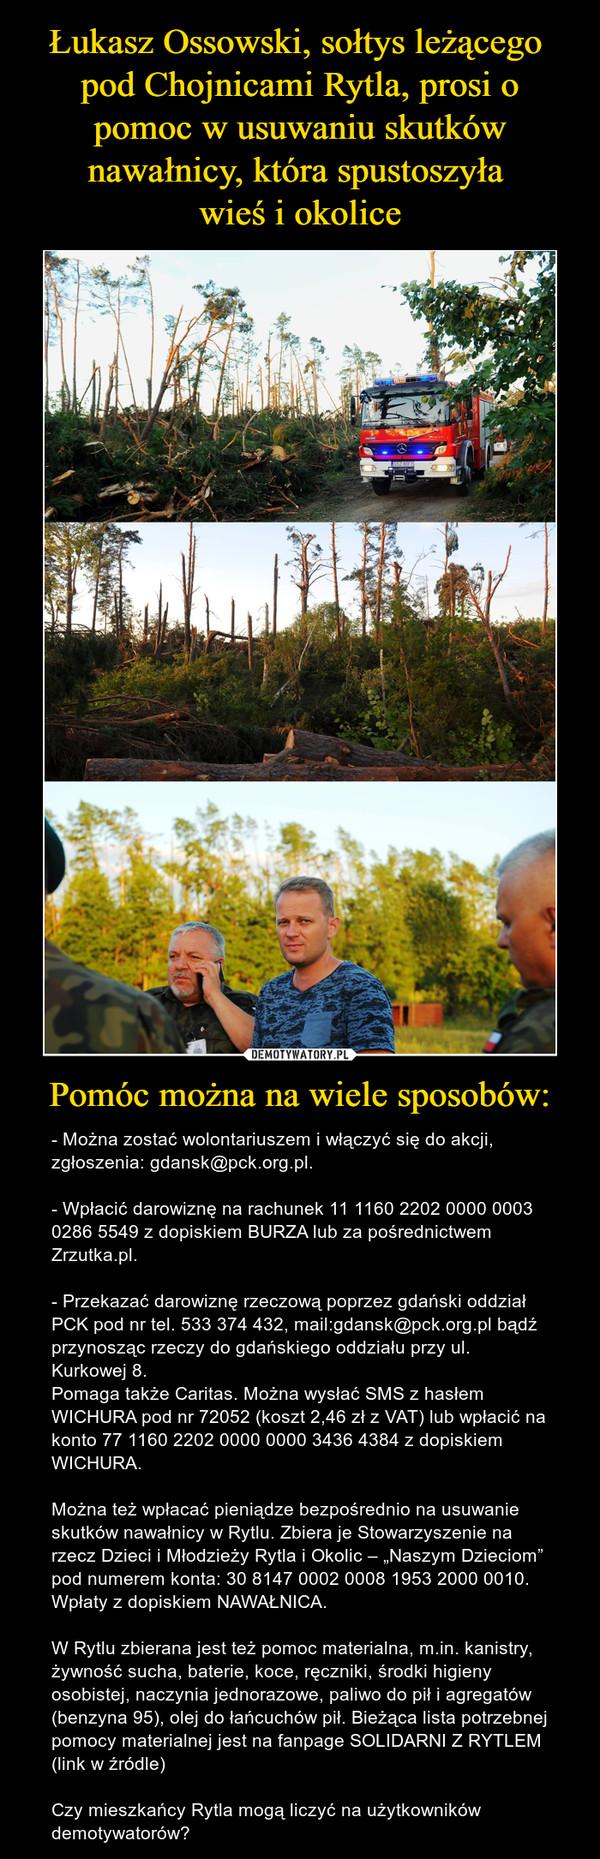 """Pomóc można na wiele sposobów: – - Można zostać wolontariuszem i włączyć się do akcji, zgłoszenia: gdansk@pck.org.pl.- Wpłacić darowiznę na rachunek 11 1160 2202 0000 0003 0286 5549 z dopiskiem BURZA lub za pośrednictwem Zrzutka.pl.- Przekazać darowiznę rzeczową poprzez gdański oddział PCK pod nr tel. 533 374 432, mail:gdansk@pck.org.pl bądź przynosząc rzeczy do gdańskiego oddziału przy ul. Kurkowej 8.Pomaga także Caritas. Można wysłać SMS z hasłem WICHURA pod nr 72052 (koszt 2,46 zł z VAT) lub wpłacić na konto 77 1160 2202 0000 0000 3436 4384 z dopiskiem WICHURA.Można też wpłacać pieniądze bezpośrednio na usuwanie skutków nawałnicy w Rytlu. Zbiera je Stowarzyszenie na rzecz Dzieci i Młodzieży Rytla i Okolic – """"Naszym Dzieciom"""" pod numerem konta: 30 8147 0002 0008 1953 2000 0010. Wpłaty z dopiskiem NAWAŁNICA.W Rytlu zbierana jest też pomoc materialna, m.in. kanistry, żywność sucha, baterie, koce, ręczniki, środki higieny osobistej, naczynia jednorazowe, paliwo do pił i agregatów (benzyna 95), olej do łańcuchów pił. Bieżąca lista potrzebnej pomocy materialnej jest na fanpage SOLIDARNI Z RYTLEM (link w źródle)Czy mieszkańcy Rytla mogą liczyć na użytkowników demotywatorów?"""